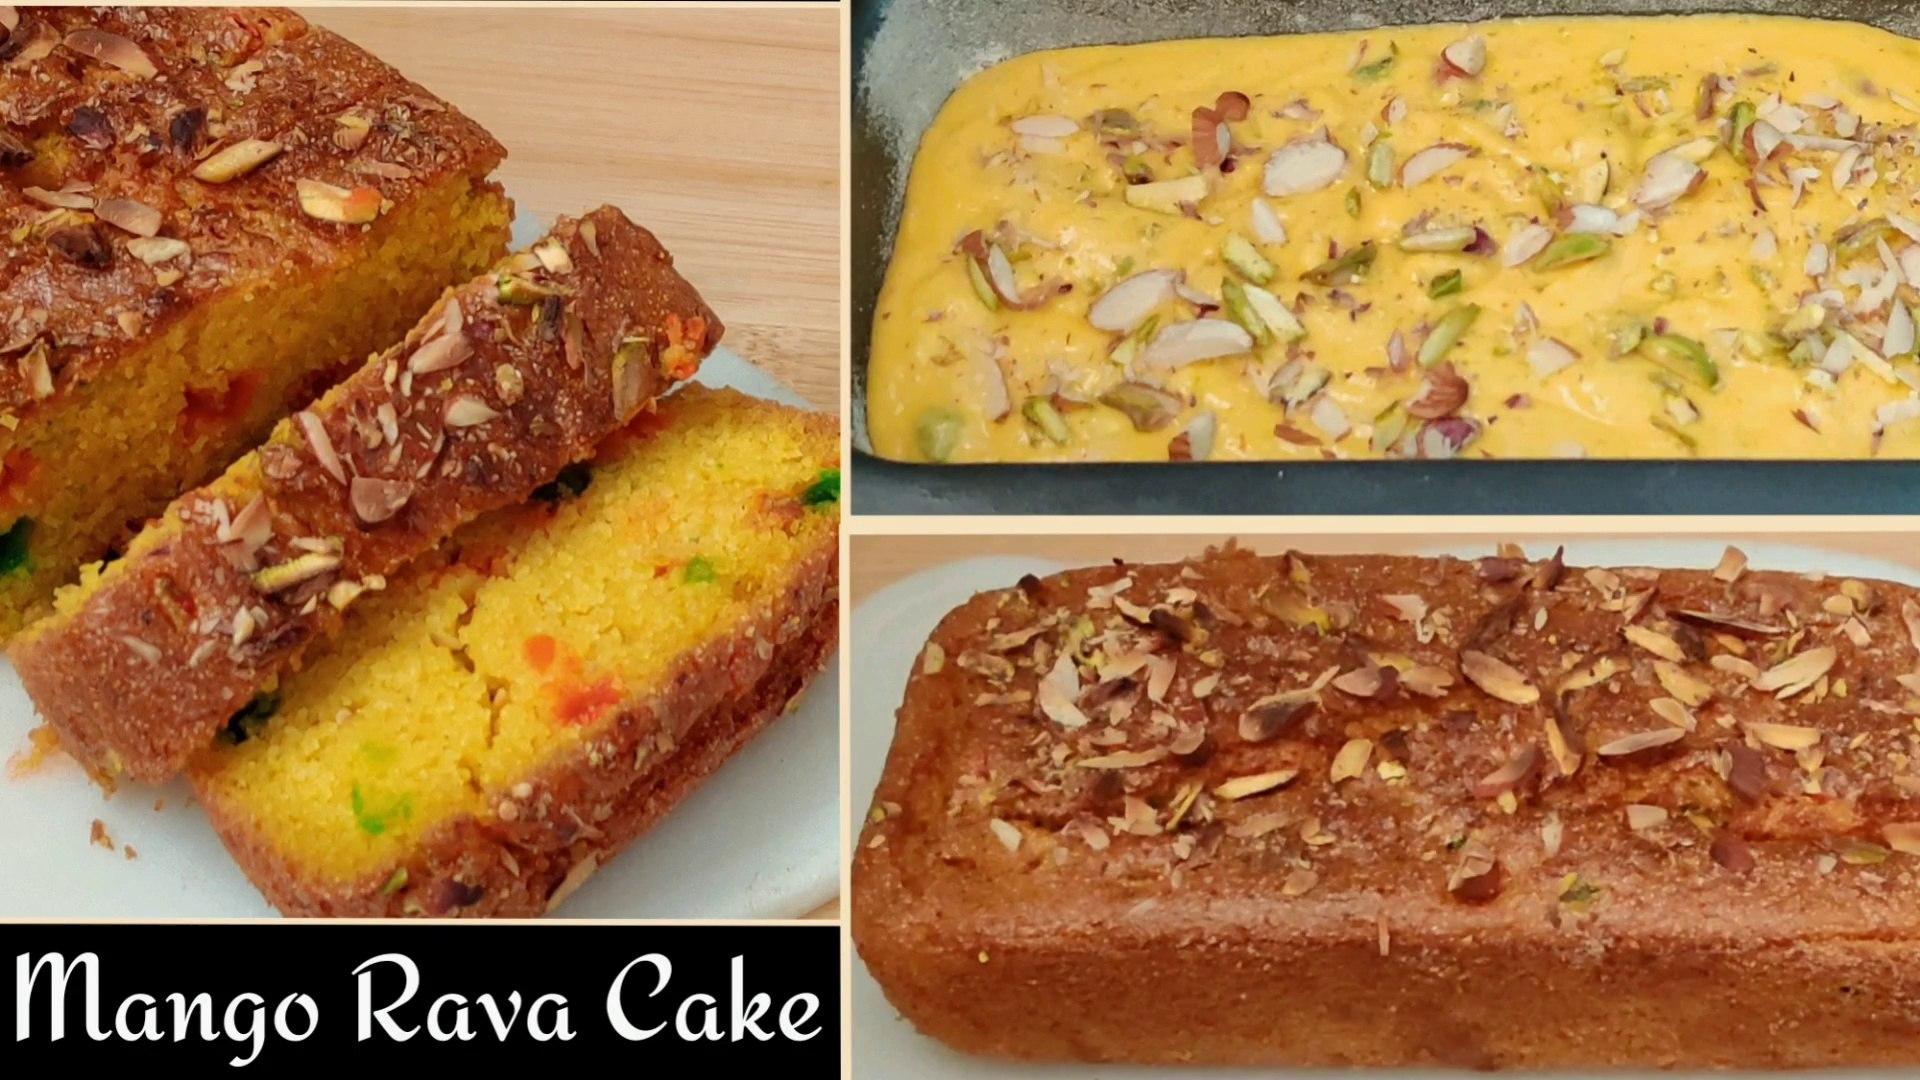 MANGO RAVA CAKE | Mango Cake Recipe | Suji Mango Cake |Semolina Cake #mangocake #soojicake #ravacake